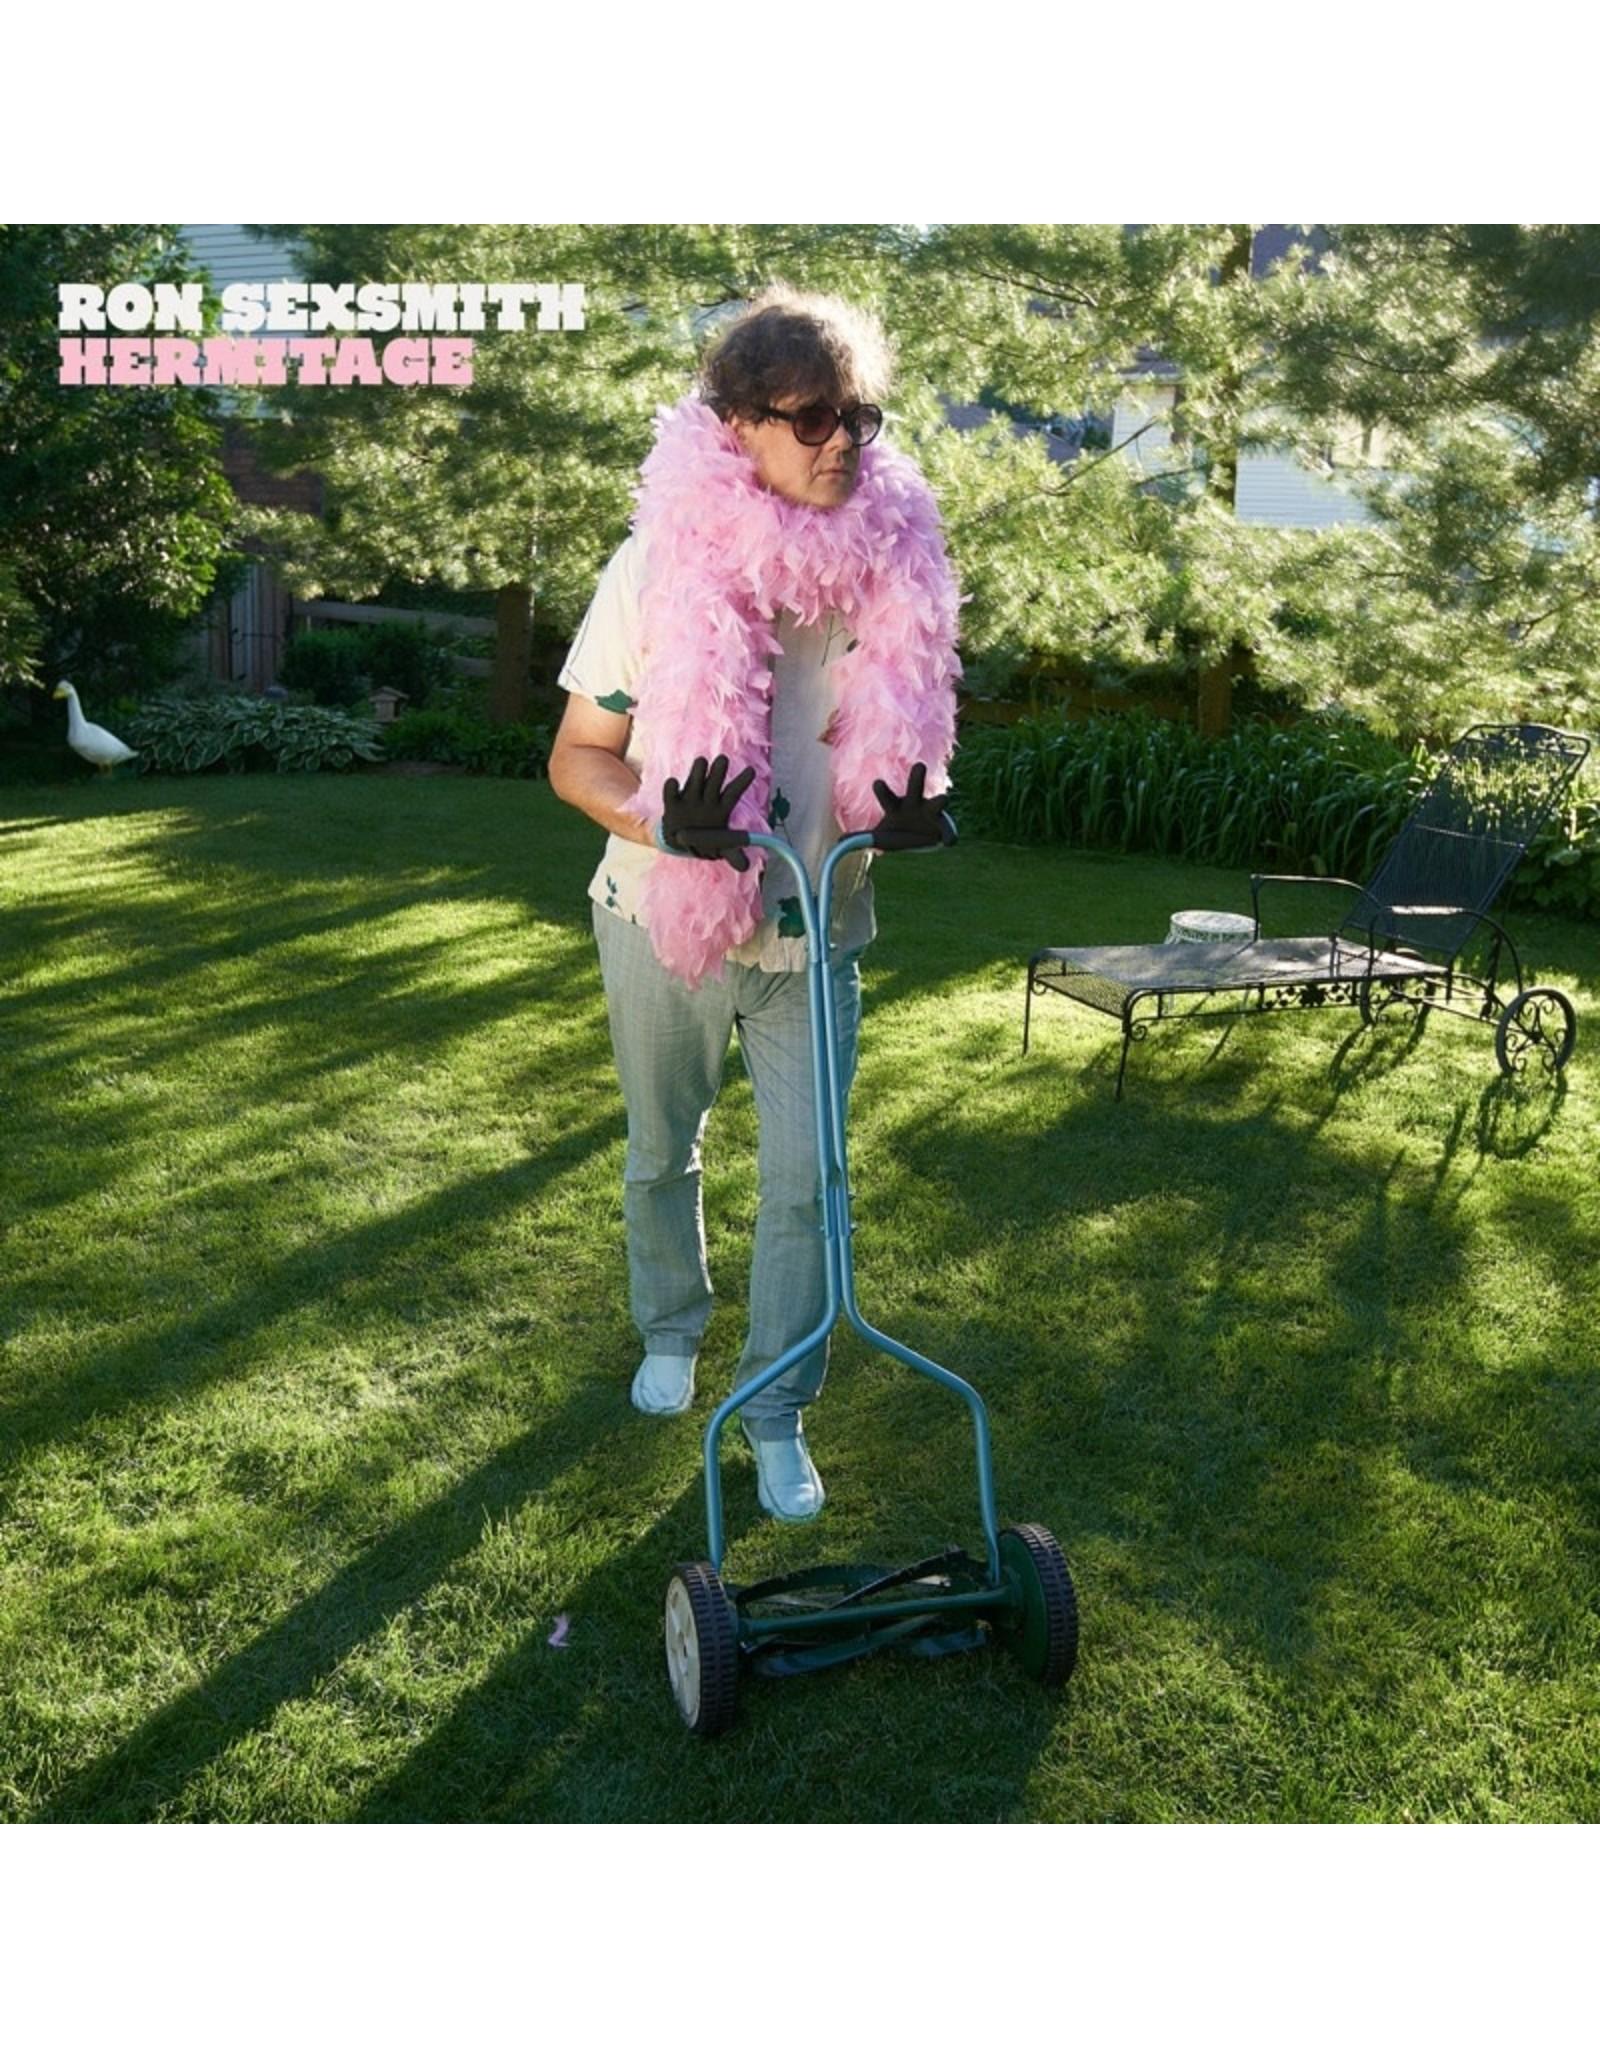 Sexsmith, Ron - Hermitage LP